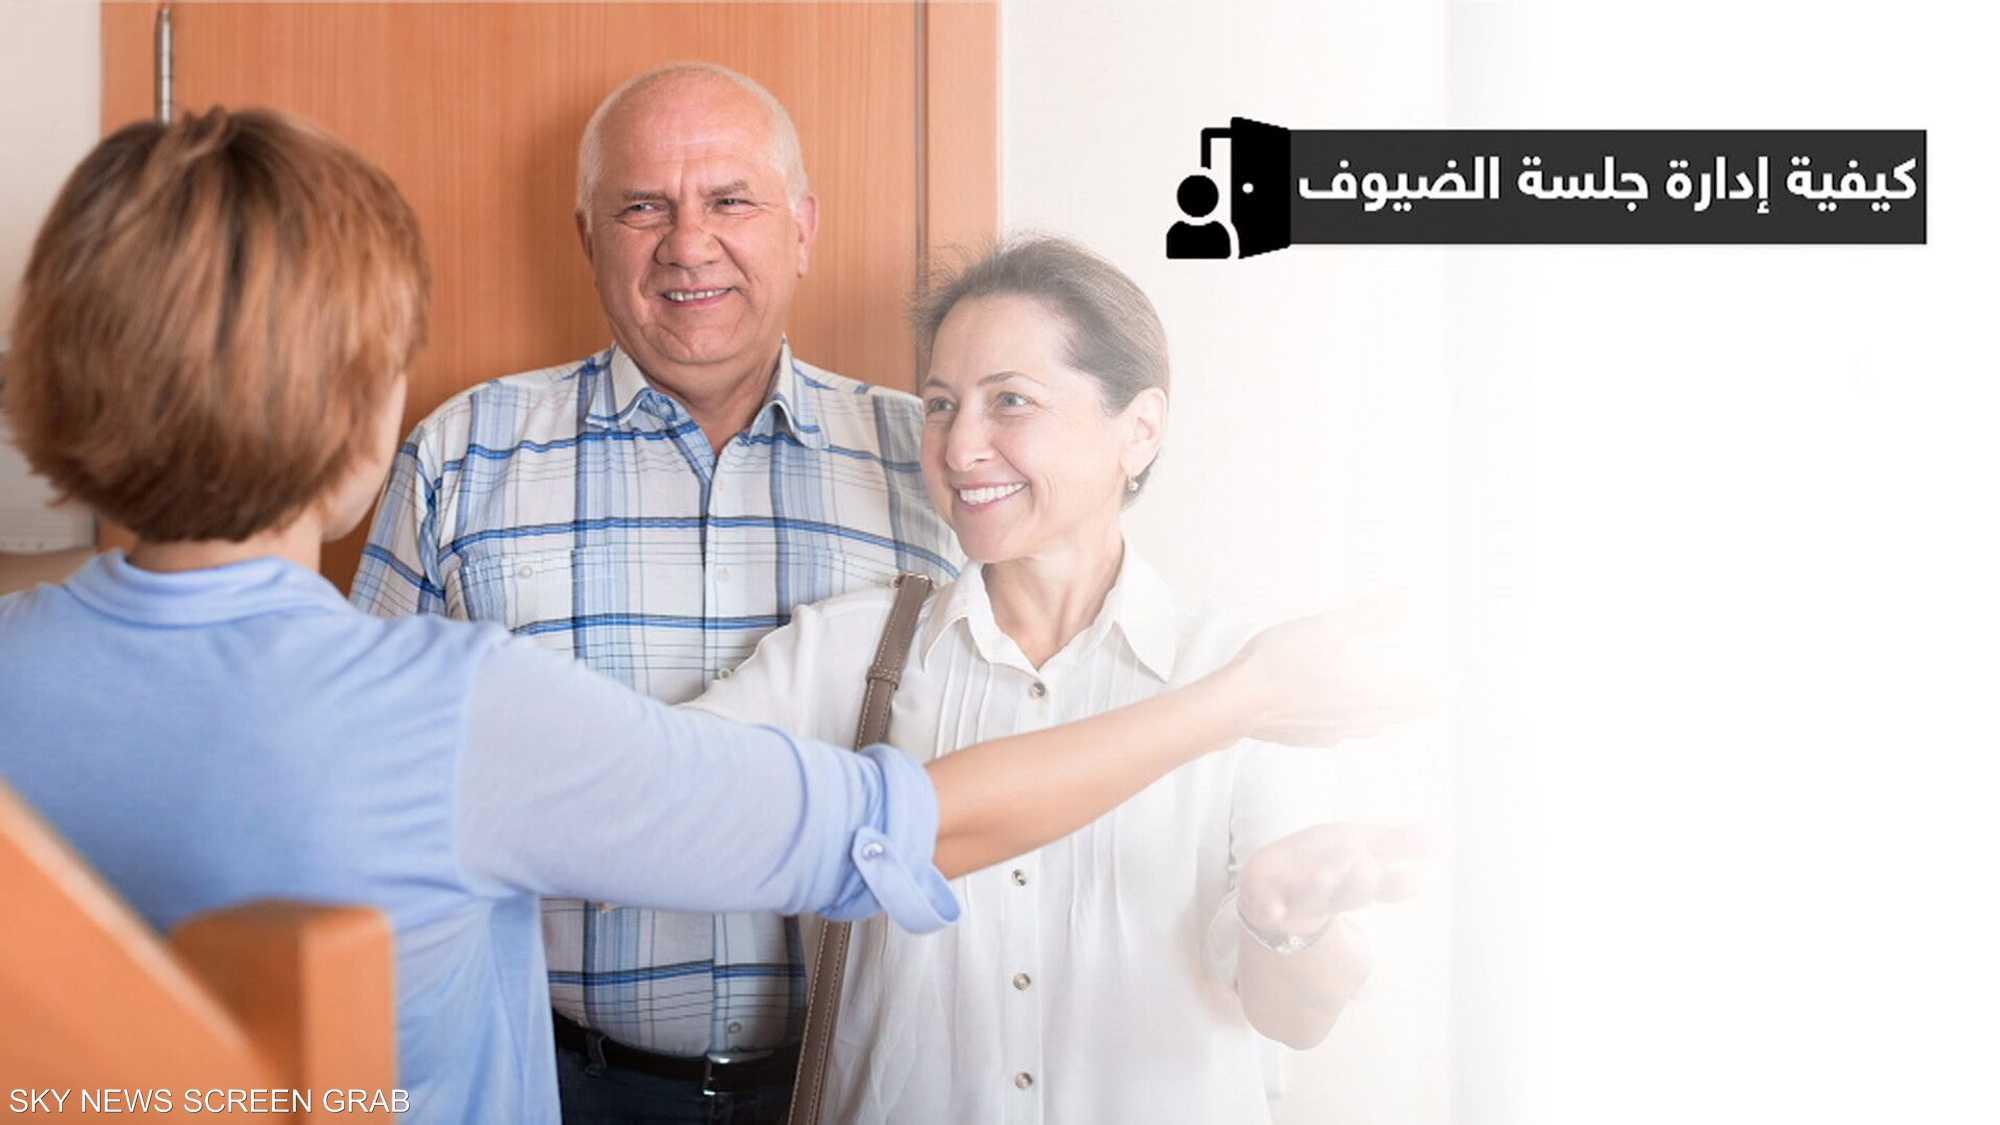 الخطوات الأساسية لإدارة جلسة الضيوف في المنزل